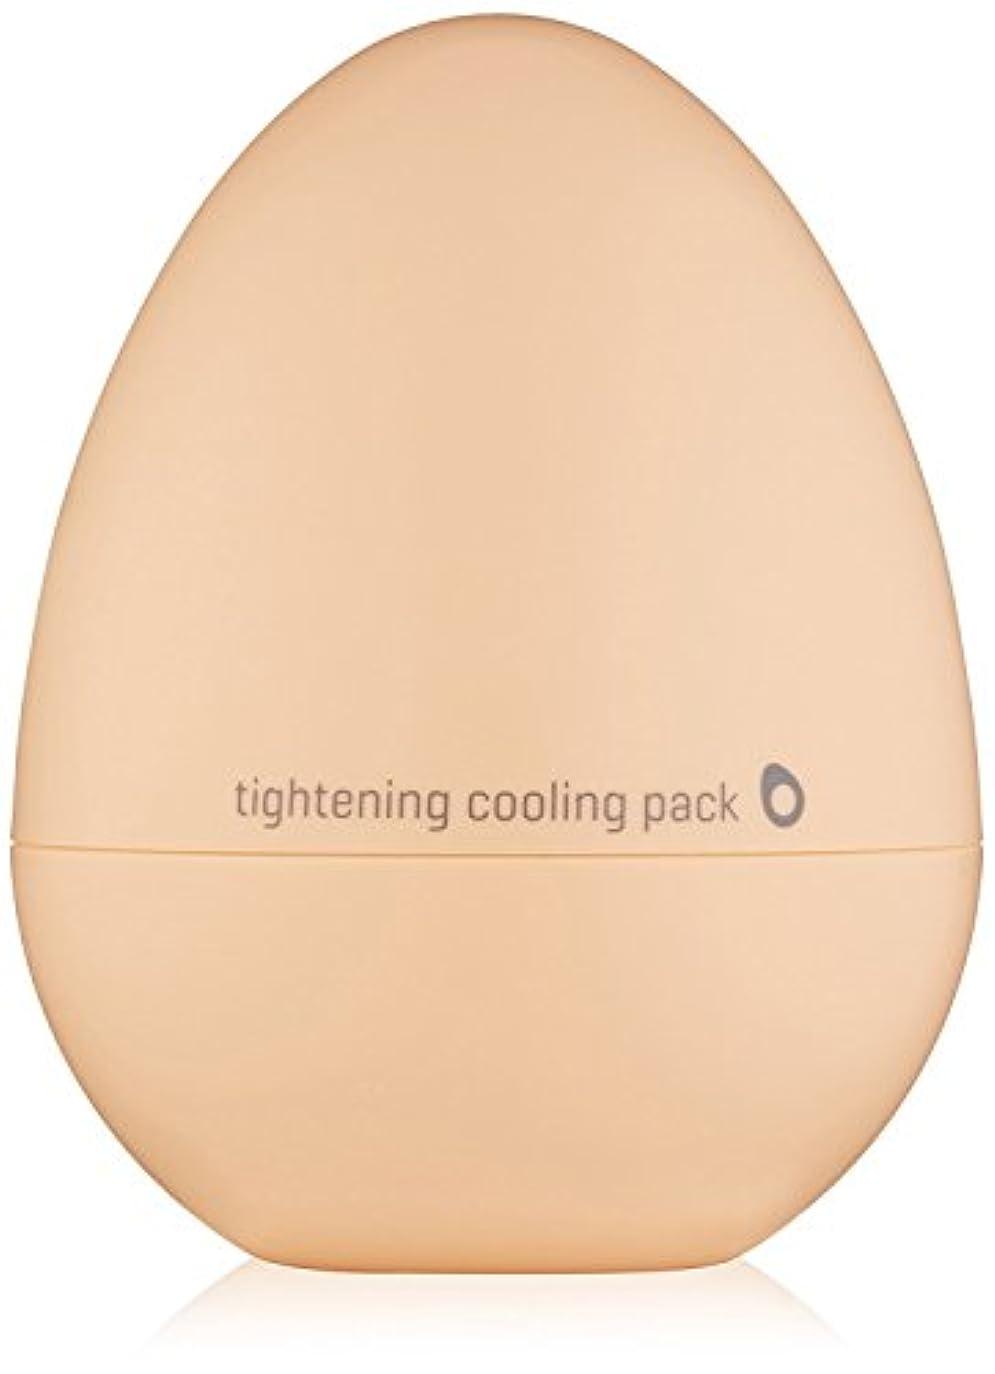 断線呪い処理トニーモリー Egg Pore Tightening Cooling Pack 30g/1oz